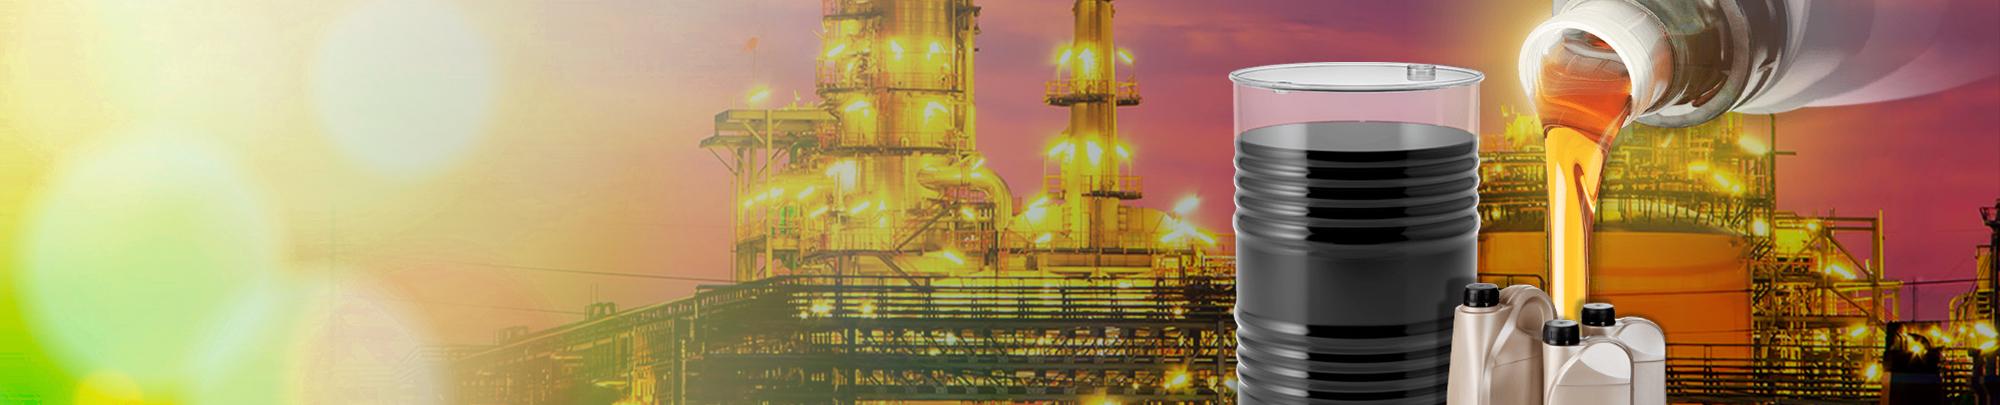 Recogida de aceites usados de madrid sl